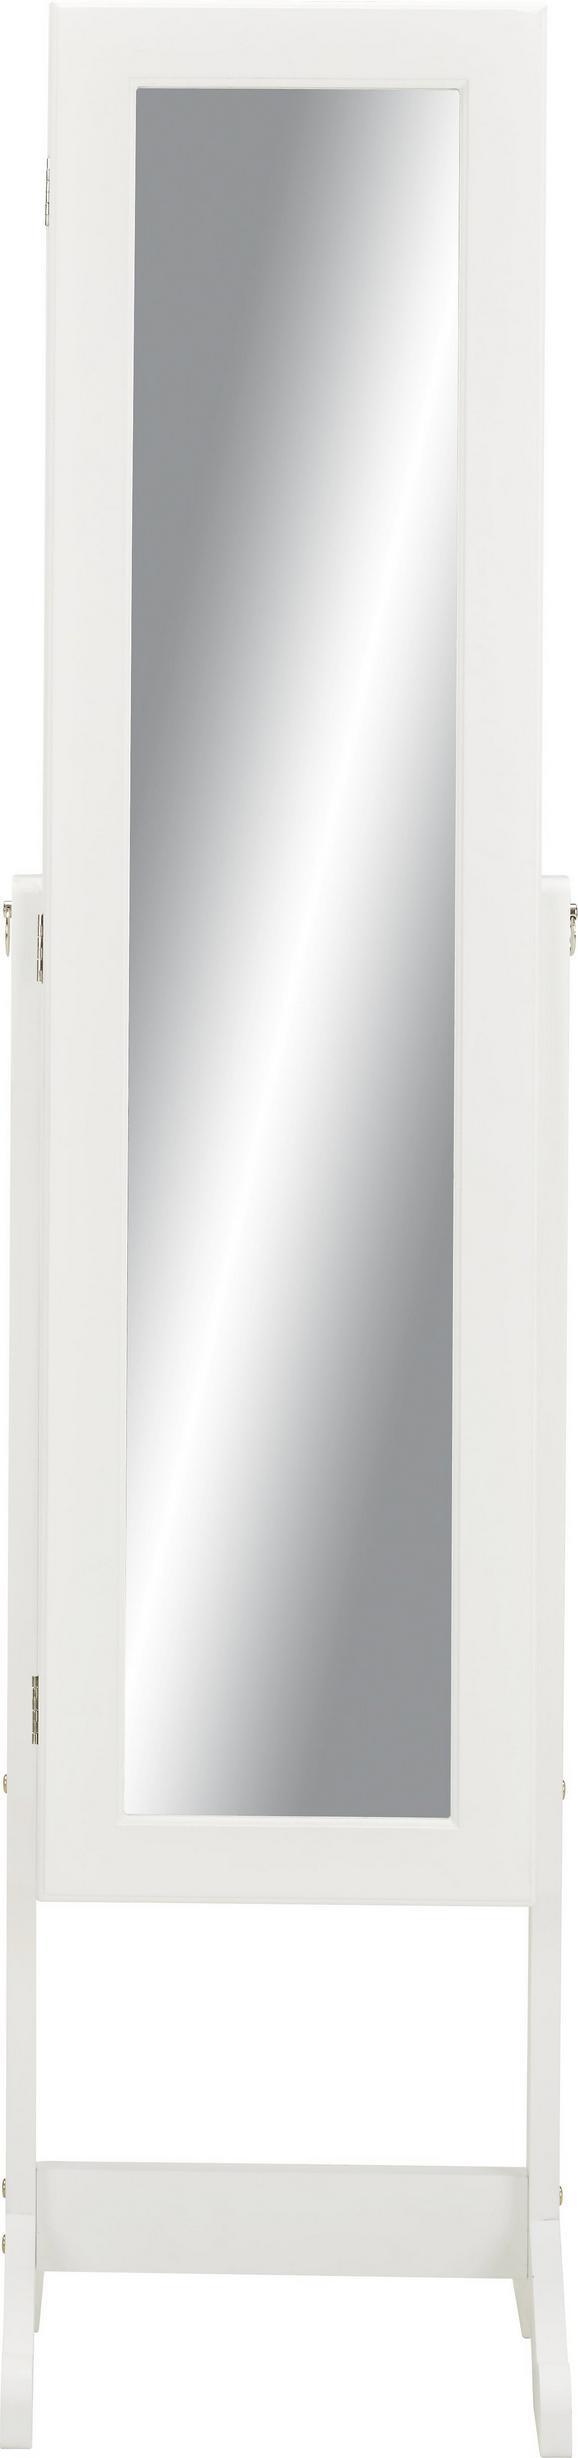 Schmuckschrank Weiß - Weiß, MODERN, Glas/Holz (34/145/38cm) - Modern Living